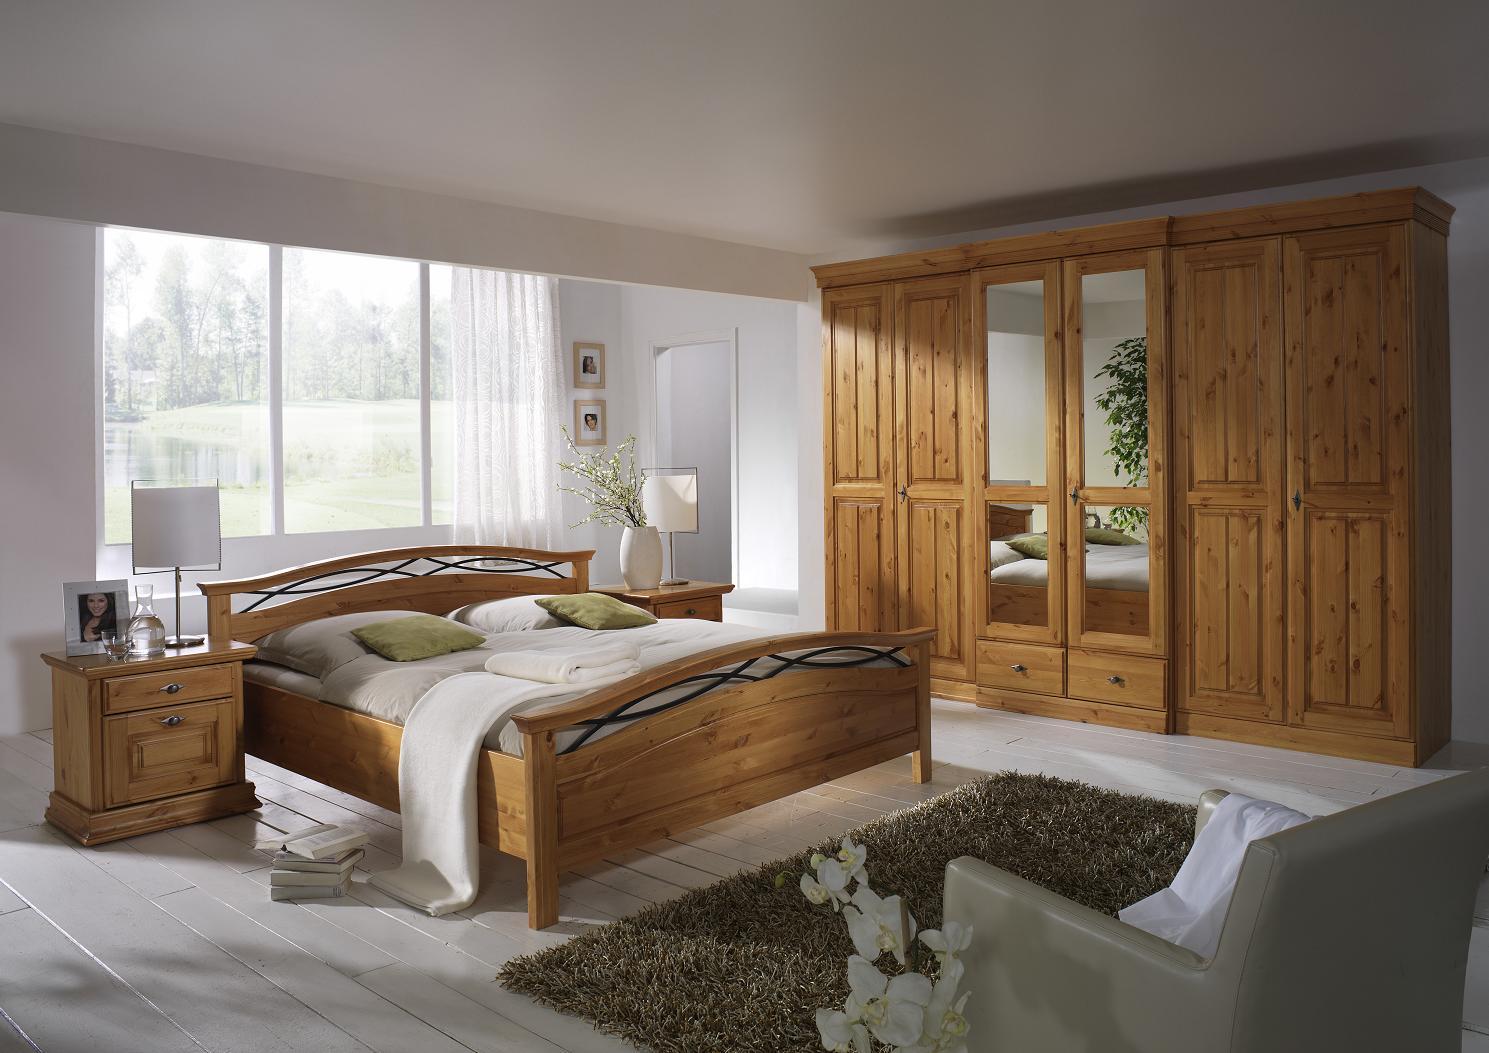 massivholz schlafzimmer komplett | bnbnews.co, Schlafzimmer entwurf